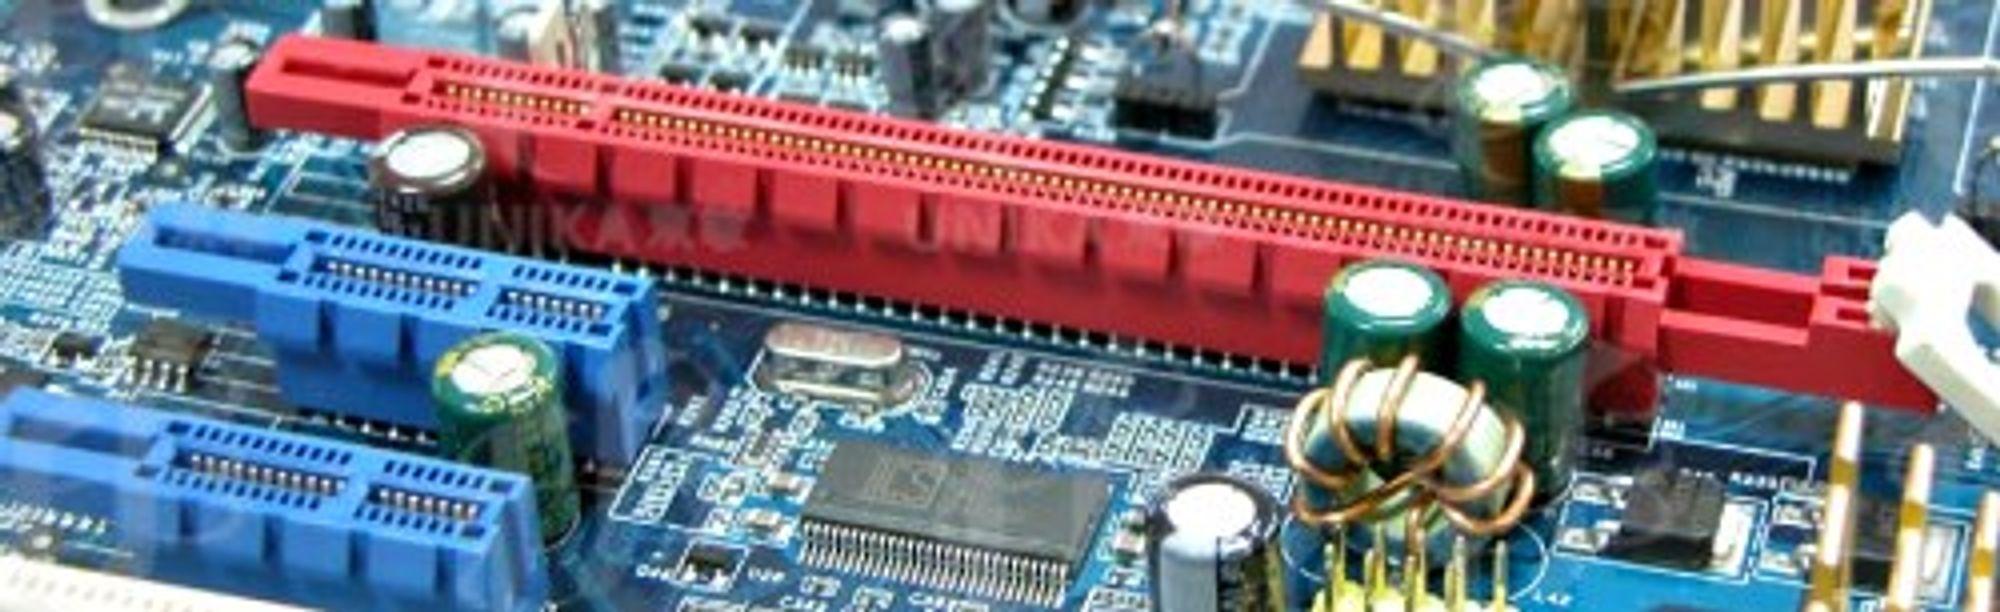 Ny dobling av båndbredden med PCIe 3.0